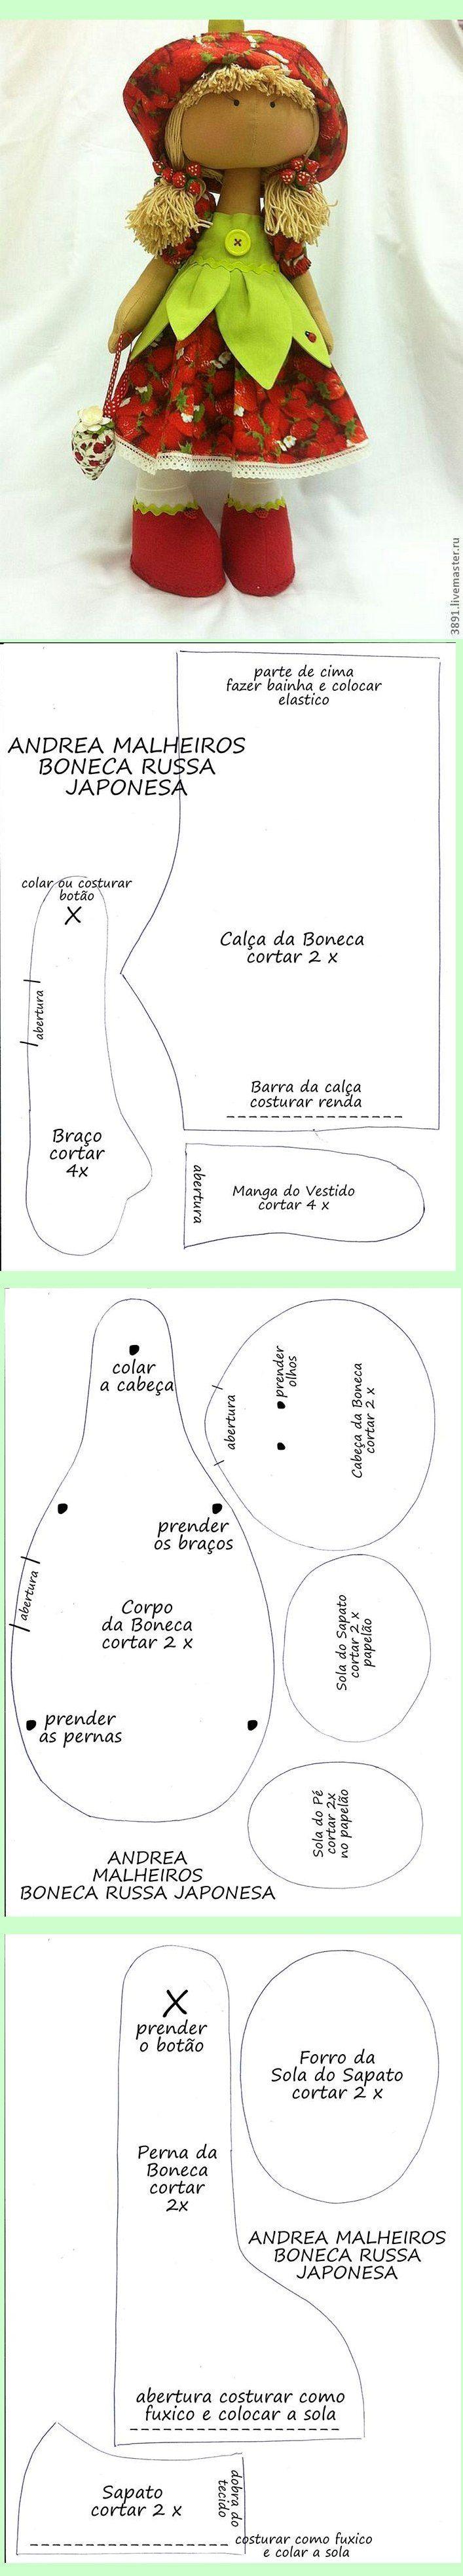 Pin von Nubes de Chocolate auf MUÑECAS | Pinterest | Puppen ...